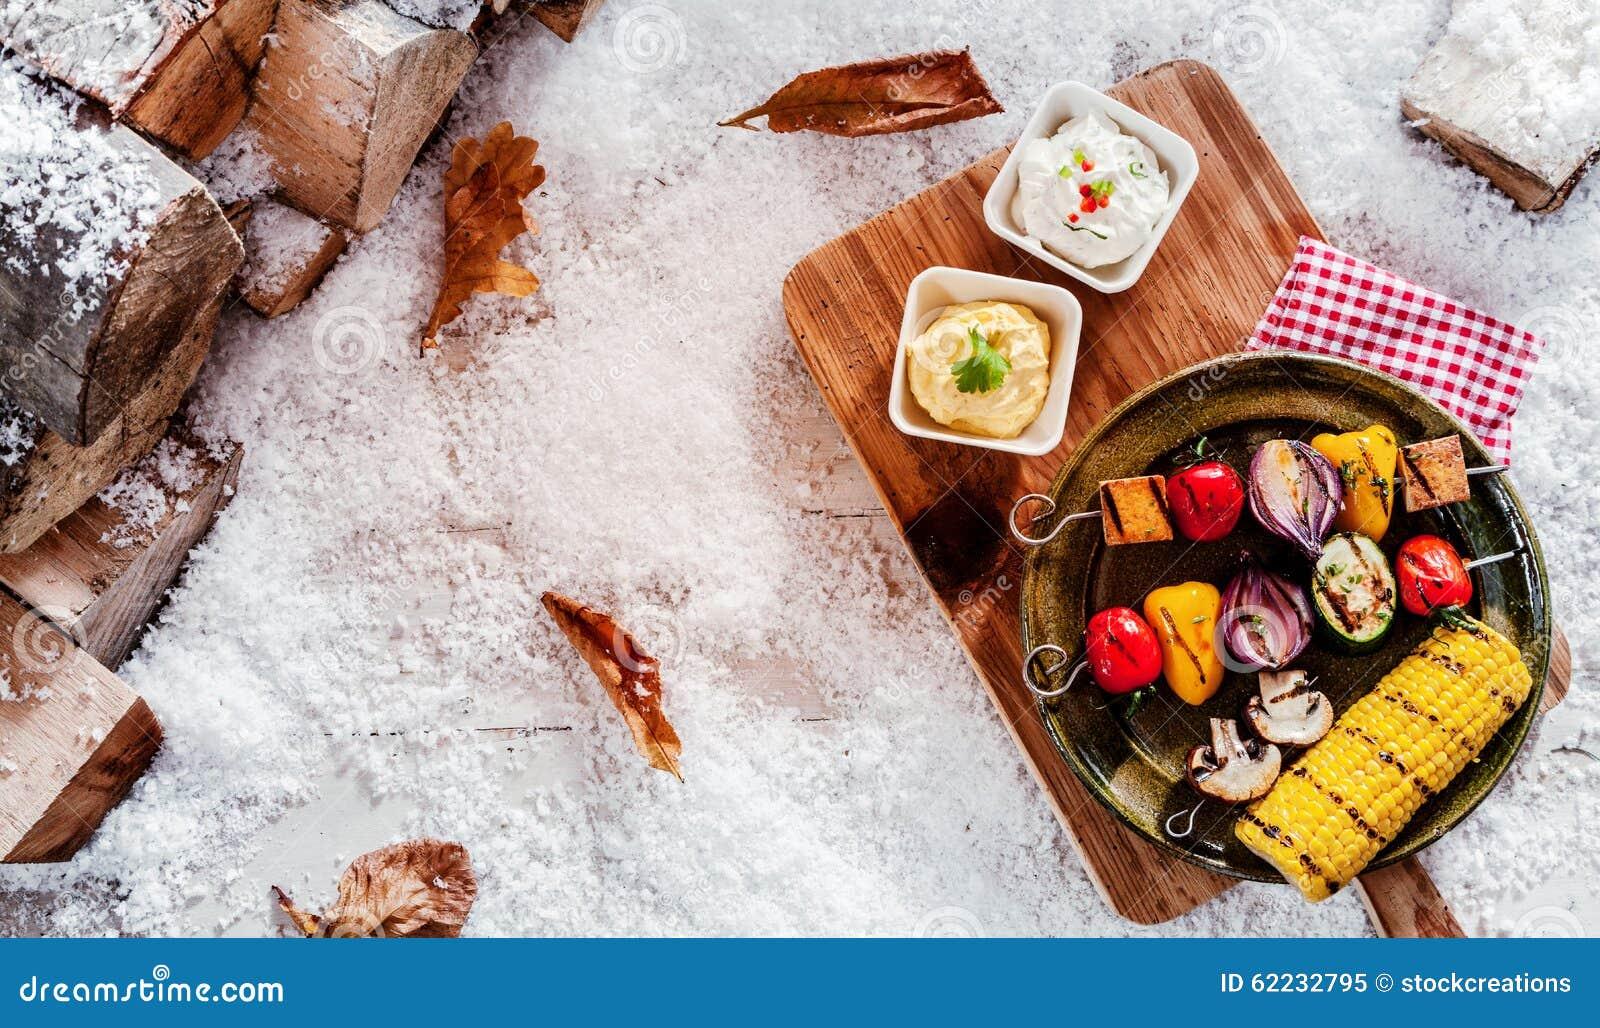 Feestelijke vegetarische de winterbarbecue stock foto afbeelding 62232795 - Hoek maaltijd ...